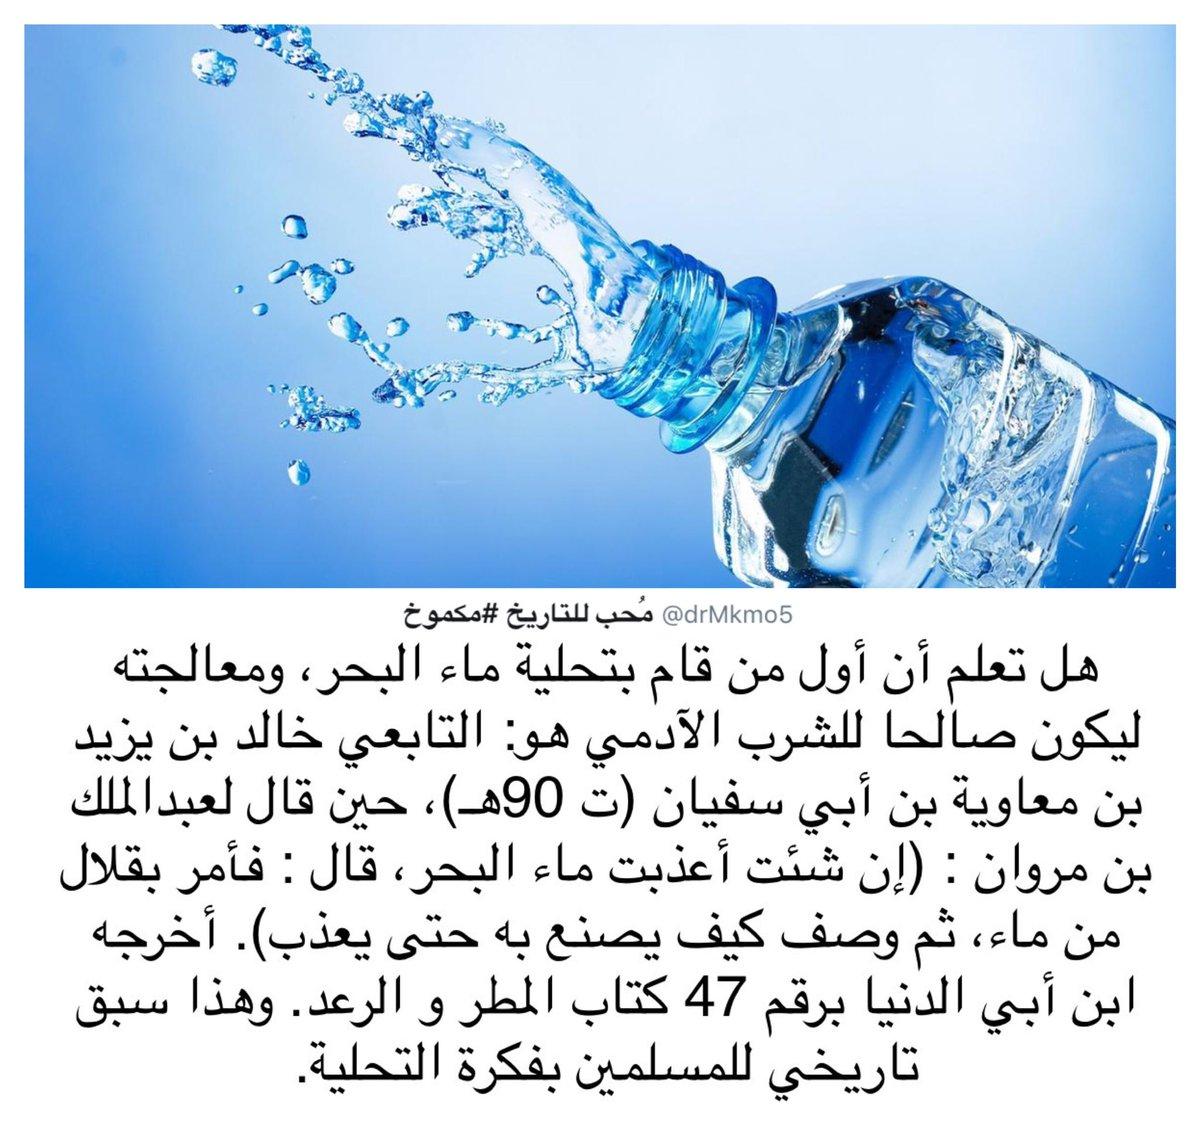 بالصور هل تعلم عن الماء , معلومات عن الماء 3438